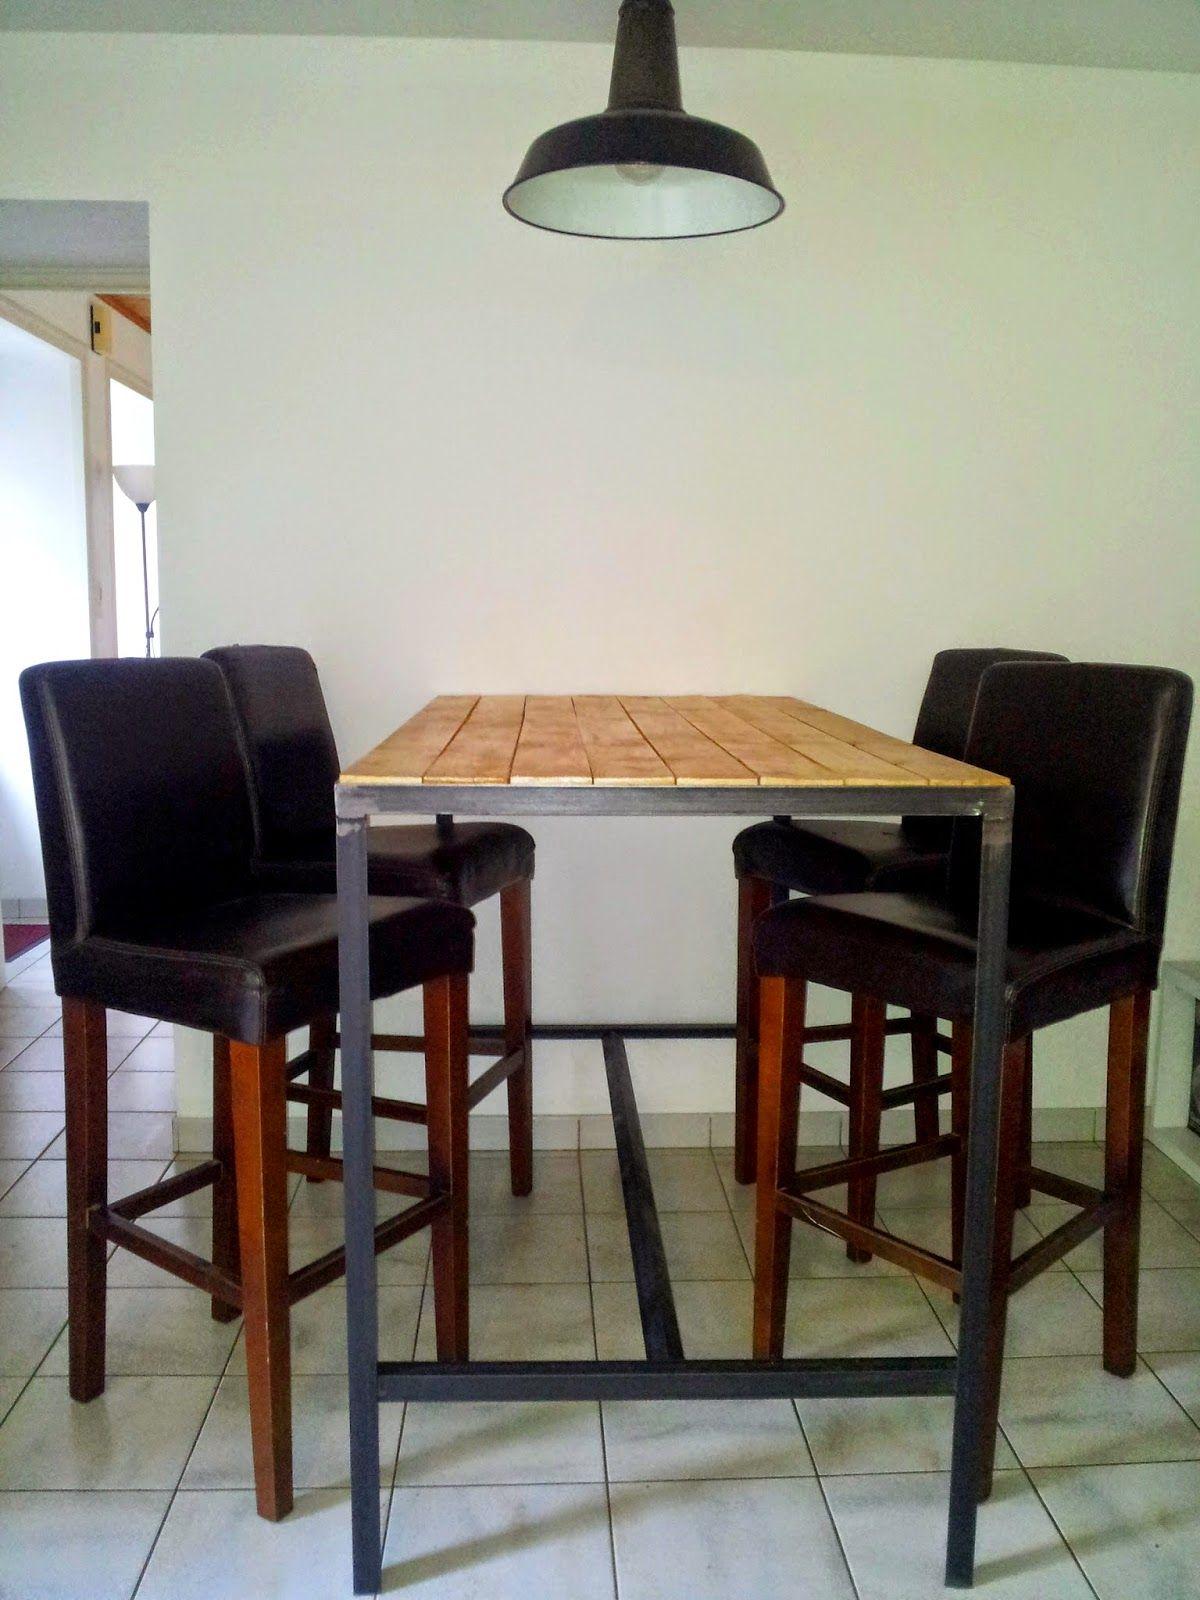 table haute fabrication artisanale cadre en acier brut noir et plateau en bois vernis mat. Black Bedroom Furniture Sets. Home Design Ideas